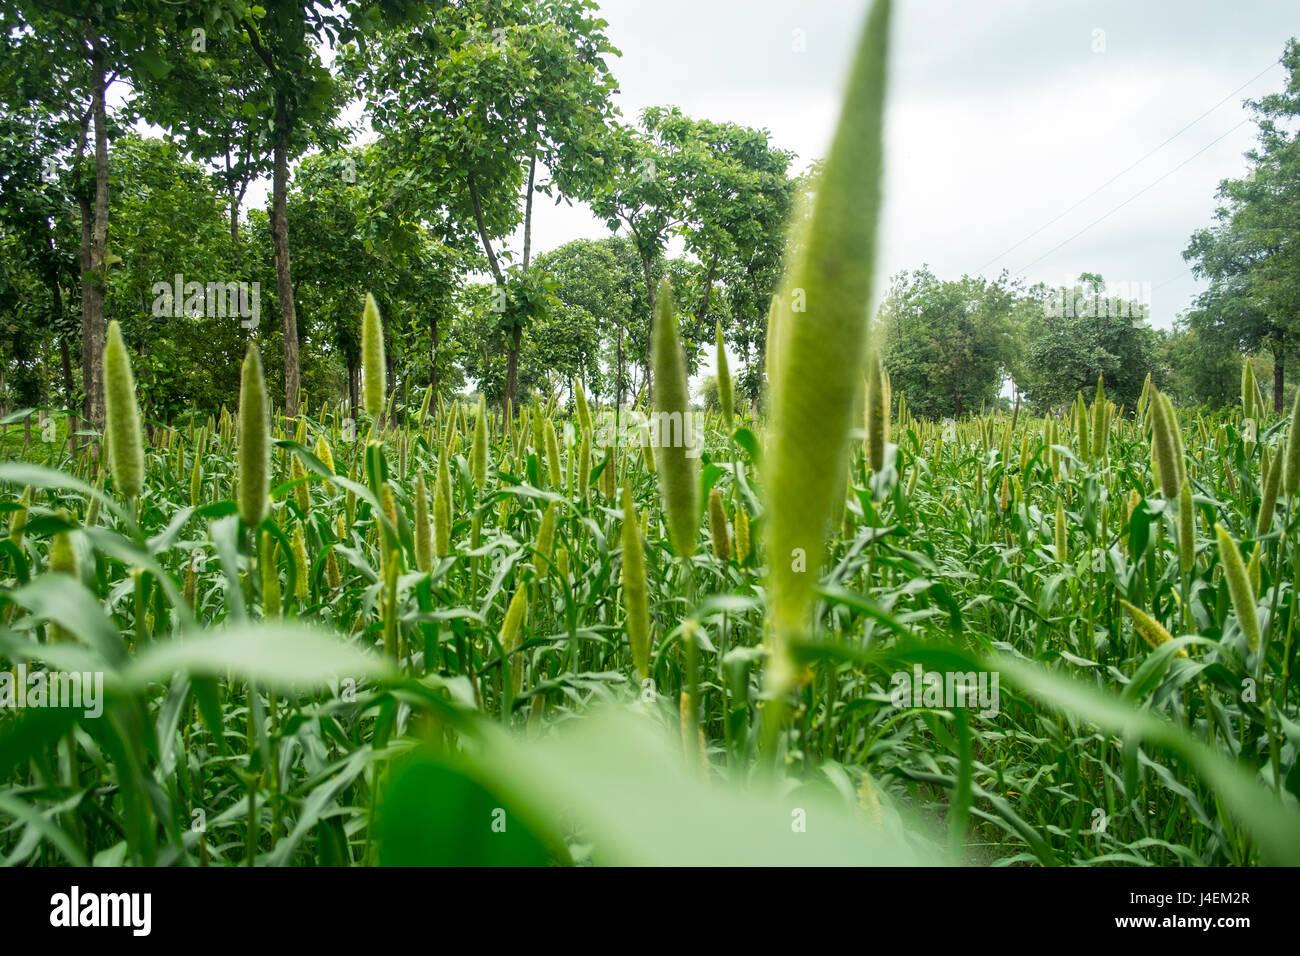 Millet fields in Aurangabad, Maharashtra India - Stock Image